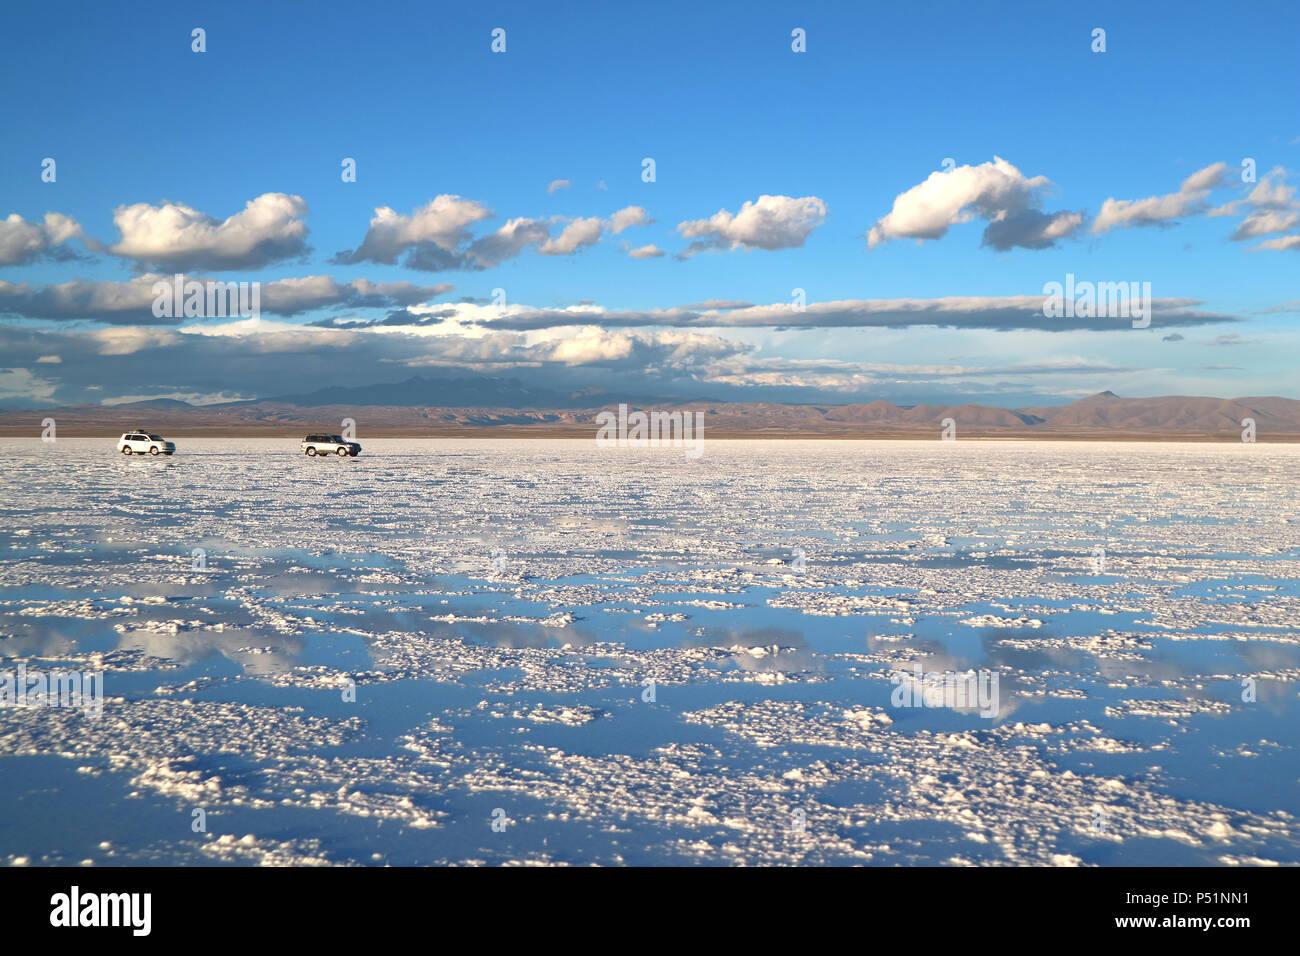 Pisos o sales de Uyuni Salar de Uyuni en el final de la temporada de lluvias, Bolivia, América del Sur Imagen De Stock